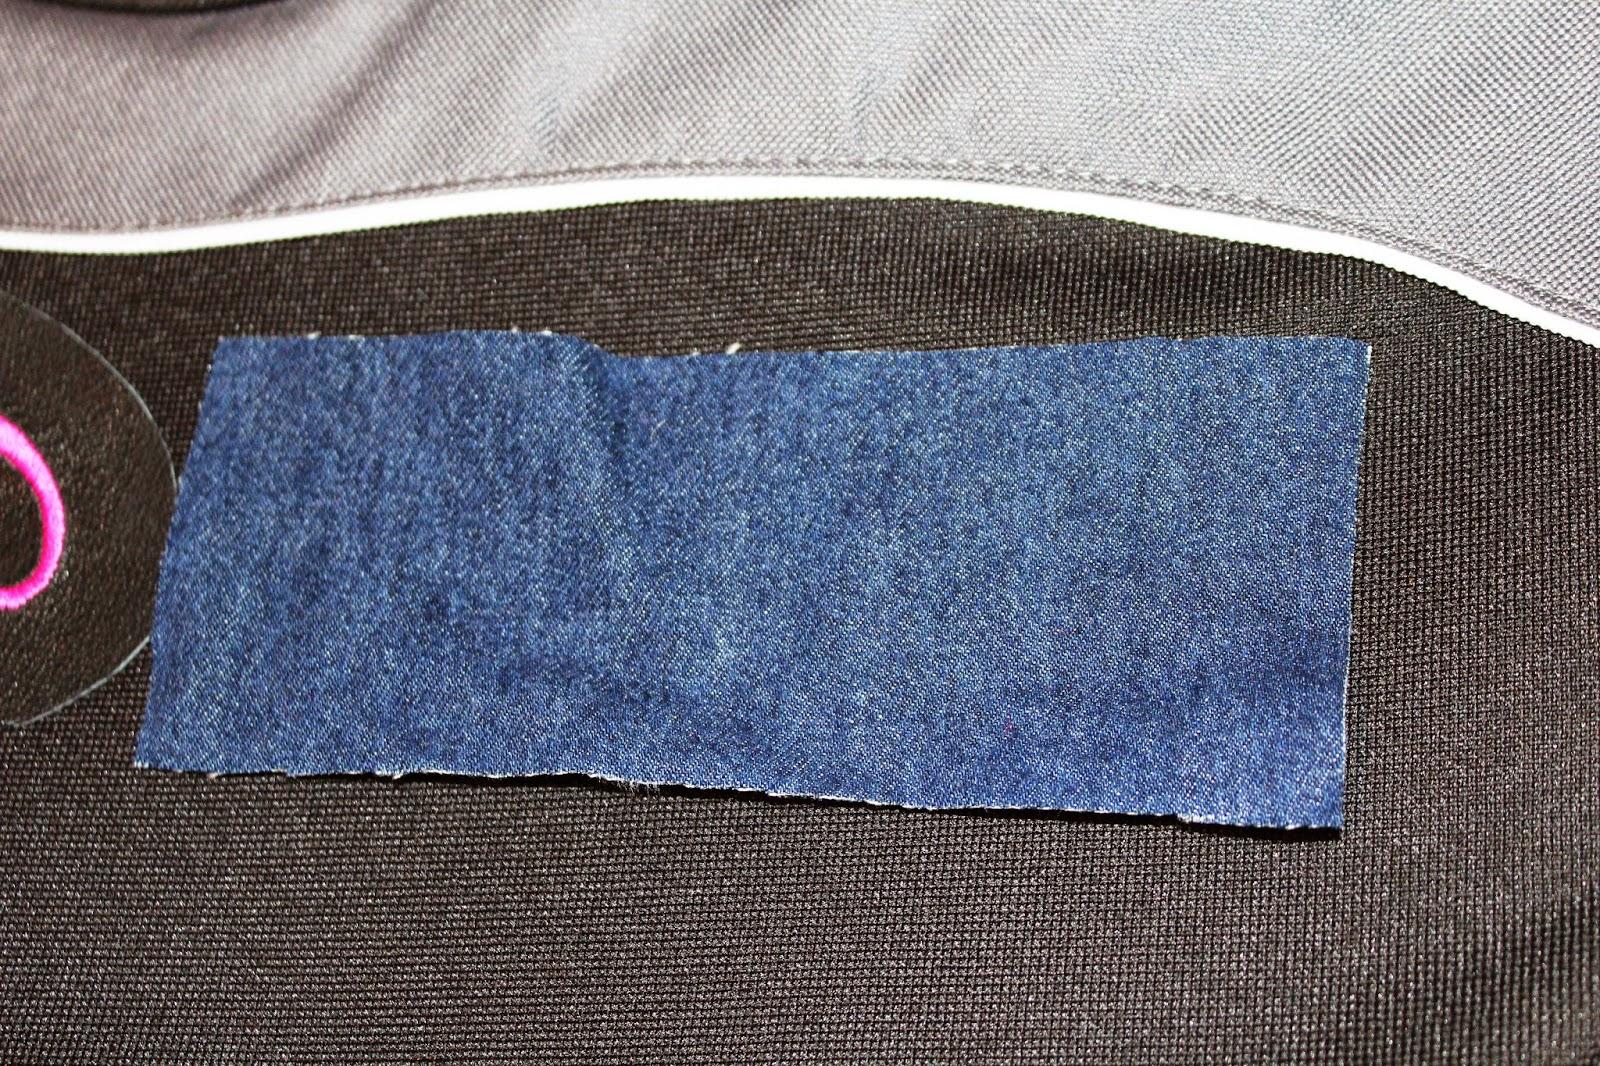 SKIL multicutter, bosch DIY, nożyce elektryczne test, jeans szycie i cięcie, projekt DIY